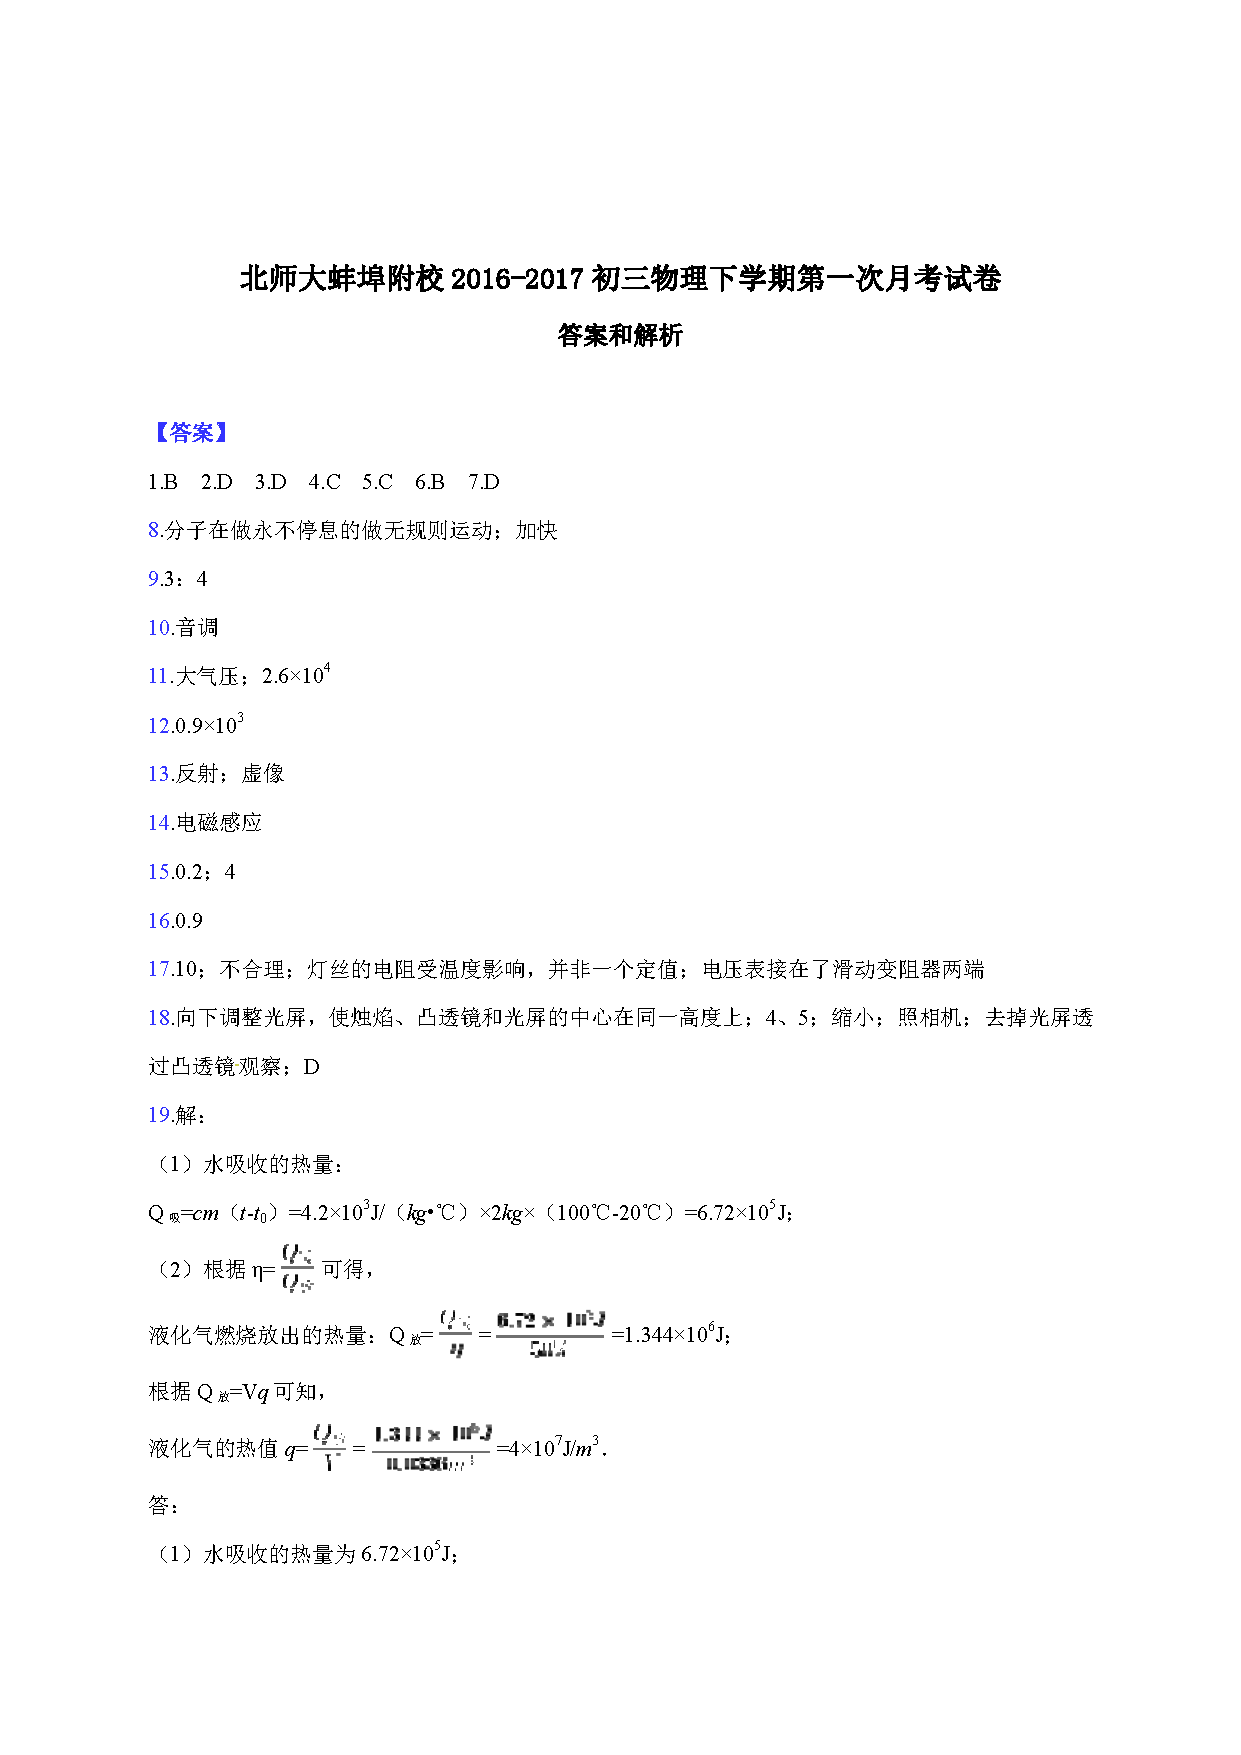 北京师范大学蚌埠附属学校2017九年级下第一次月考物理试题答案(图片版)